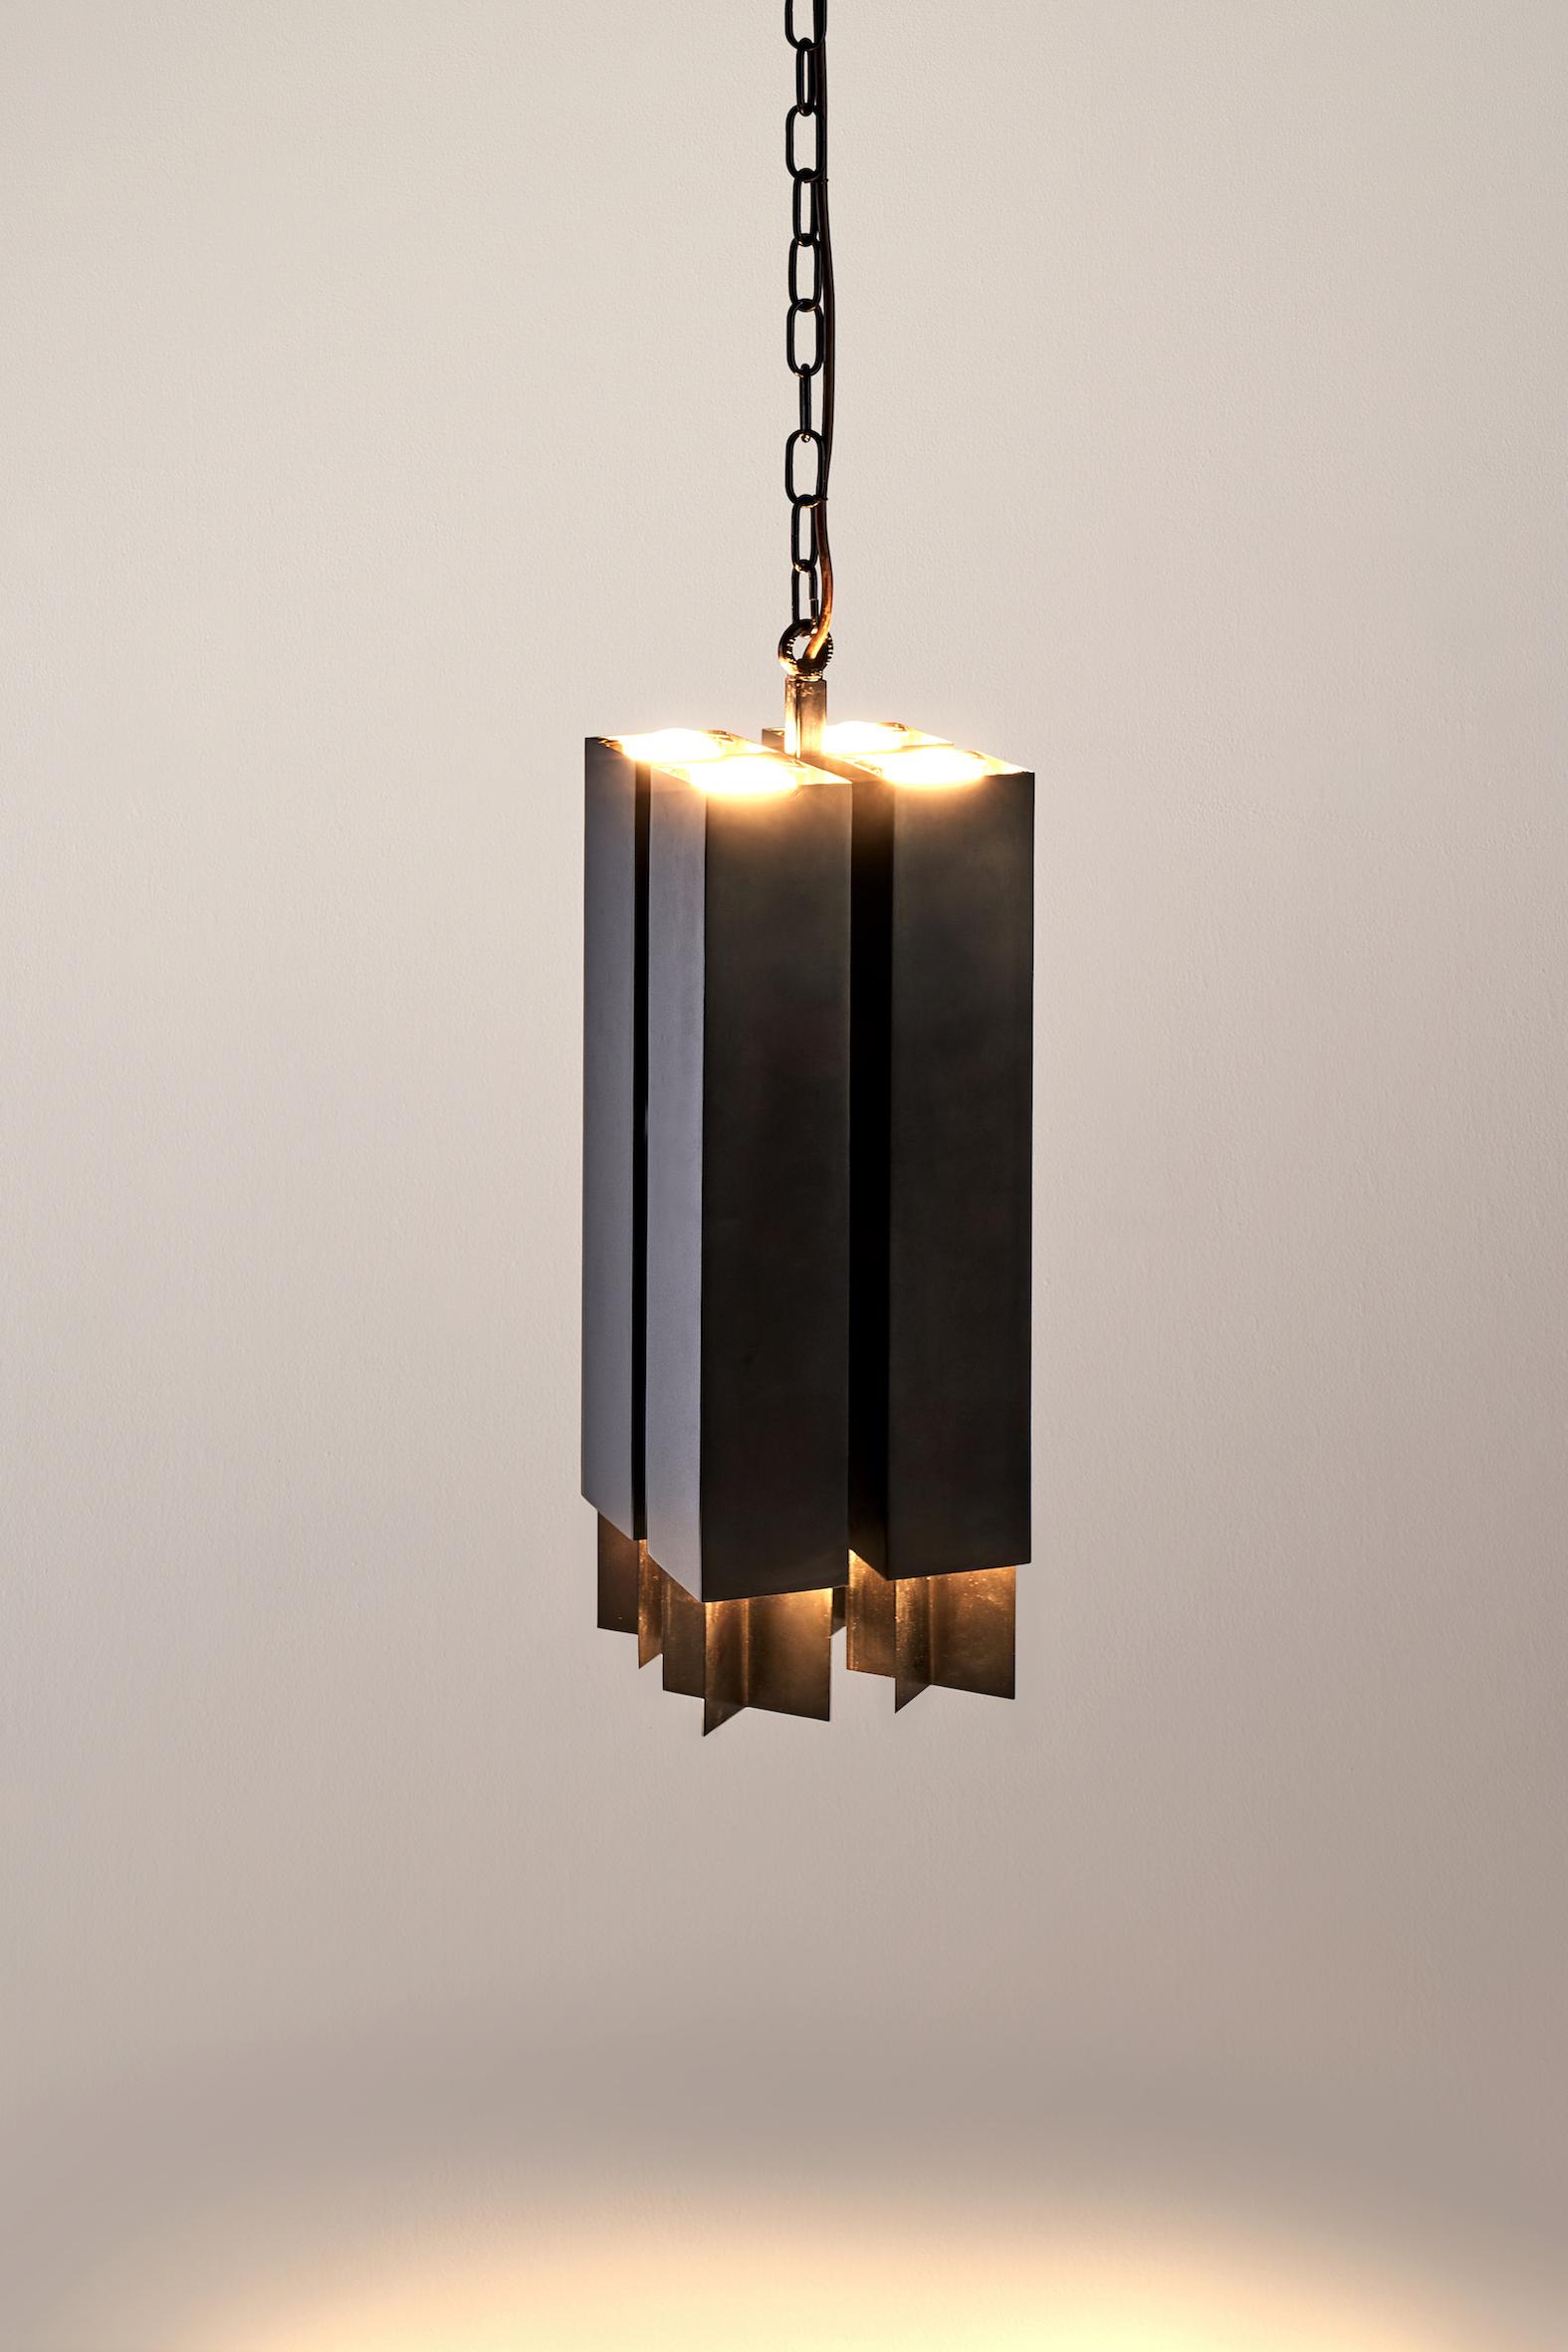 Nader-Gammas-Lighting-Design-Wind Tall-Front.jpg